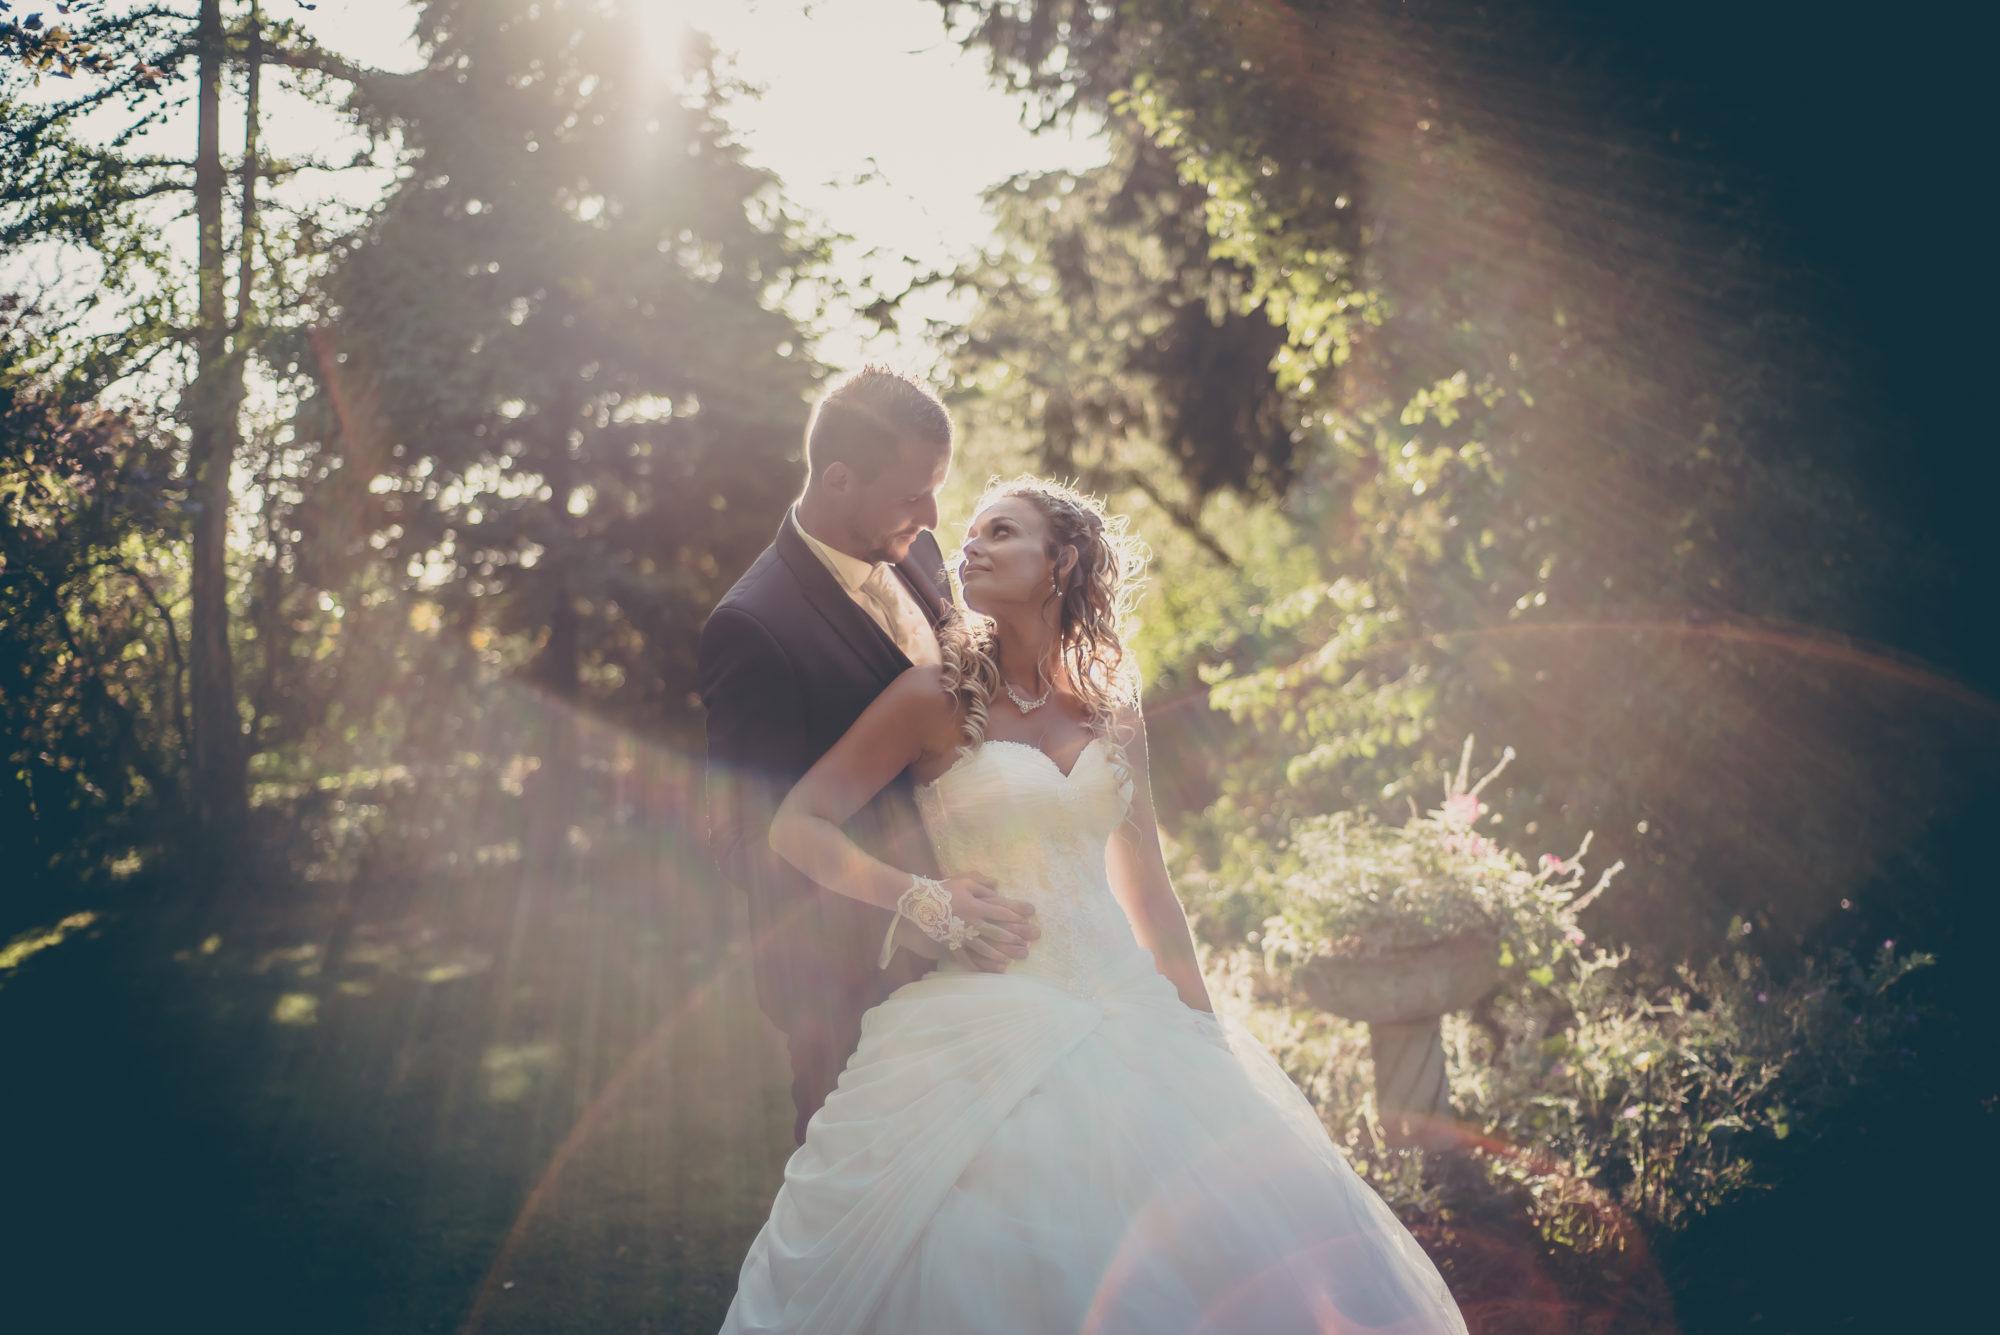 photographe mariage normandie, Photographe mariage normandie – Me connaître